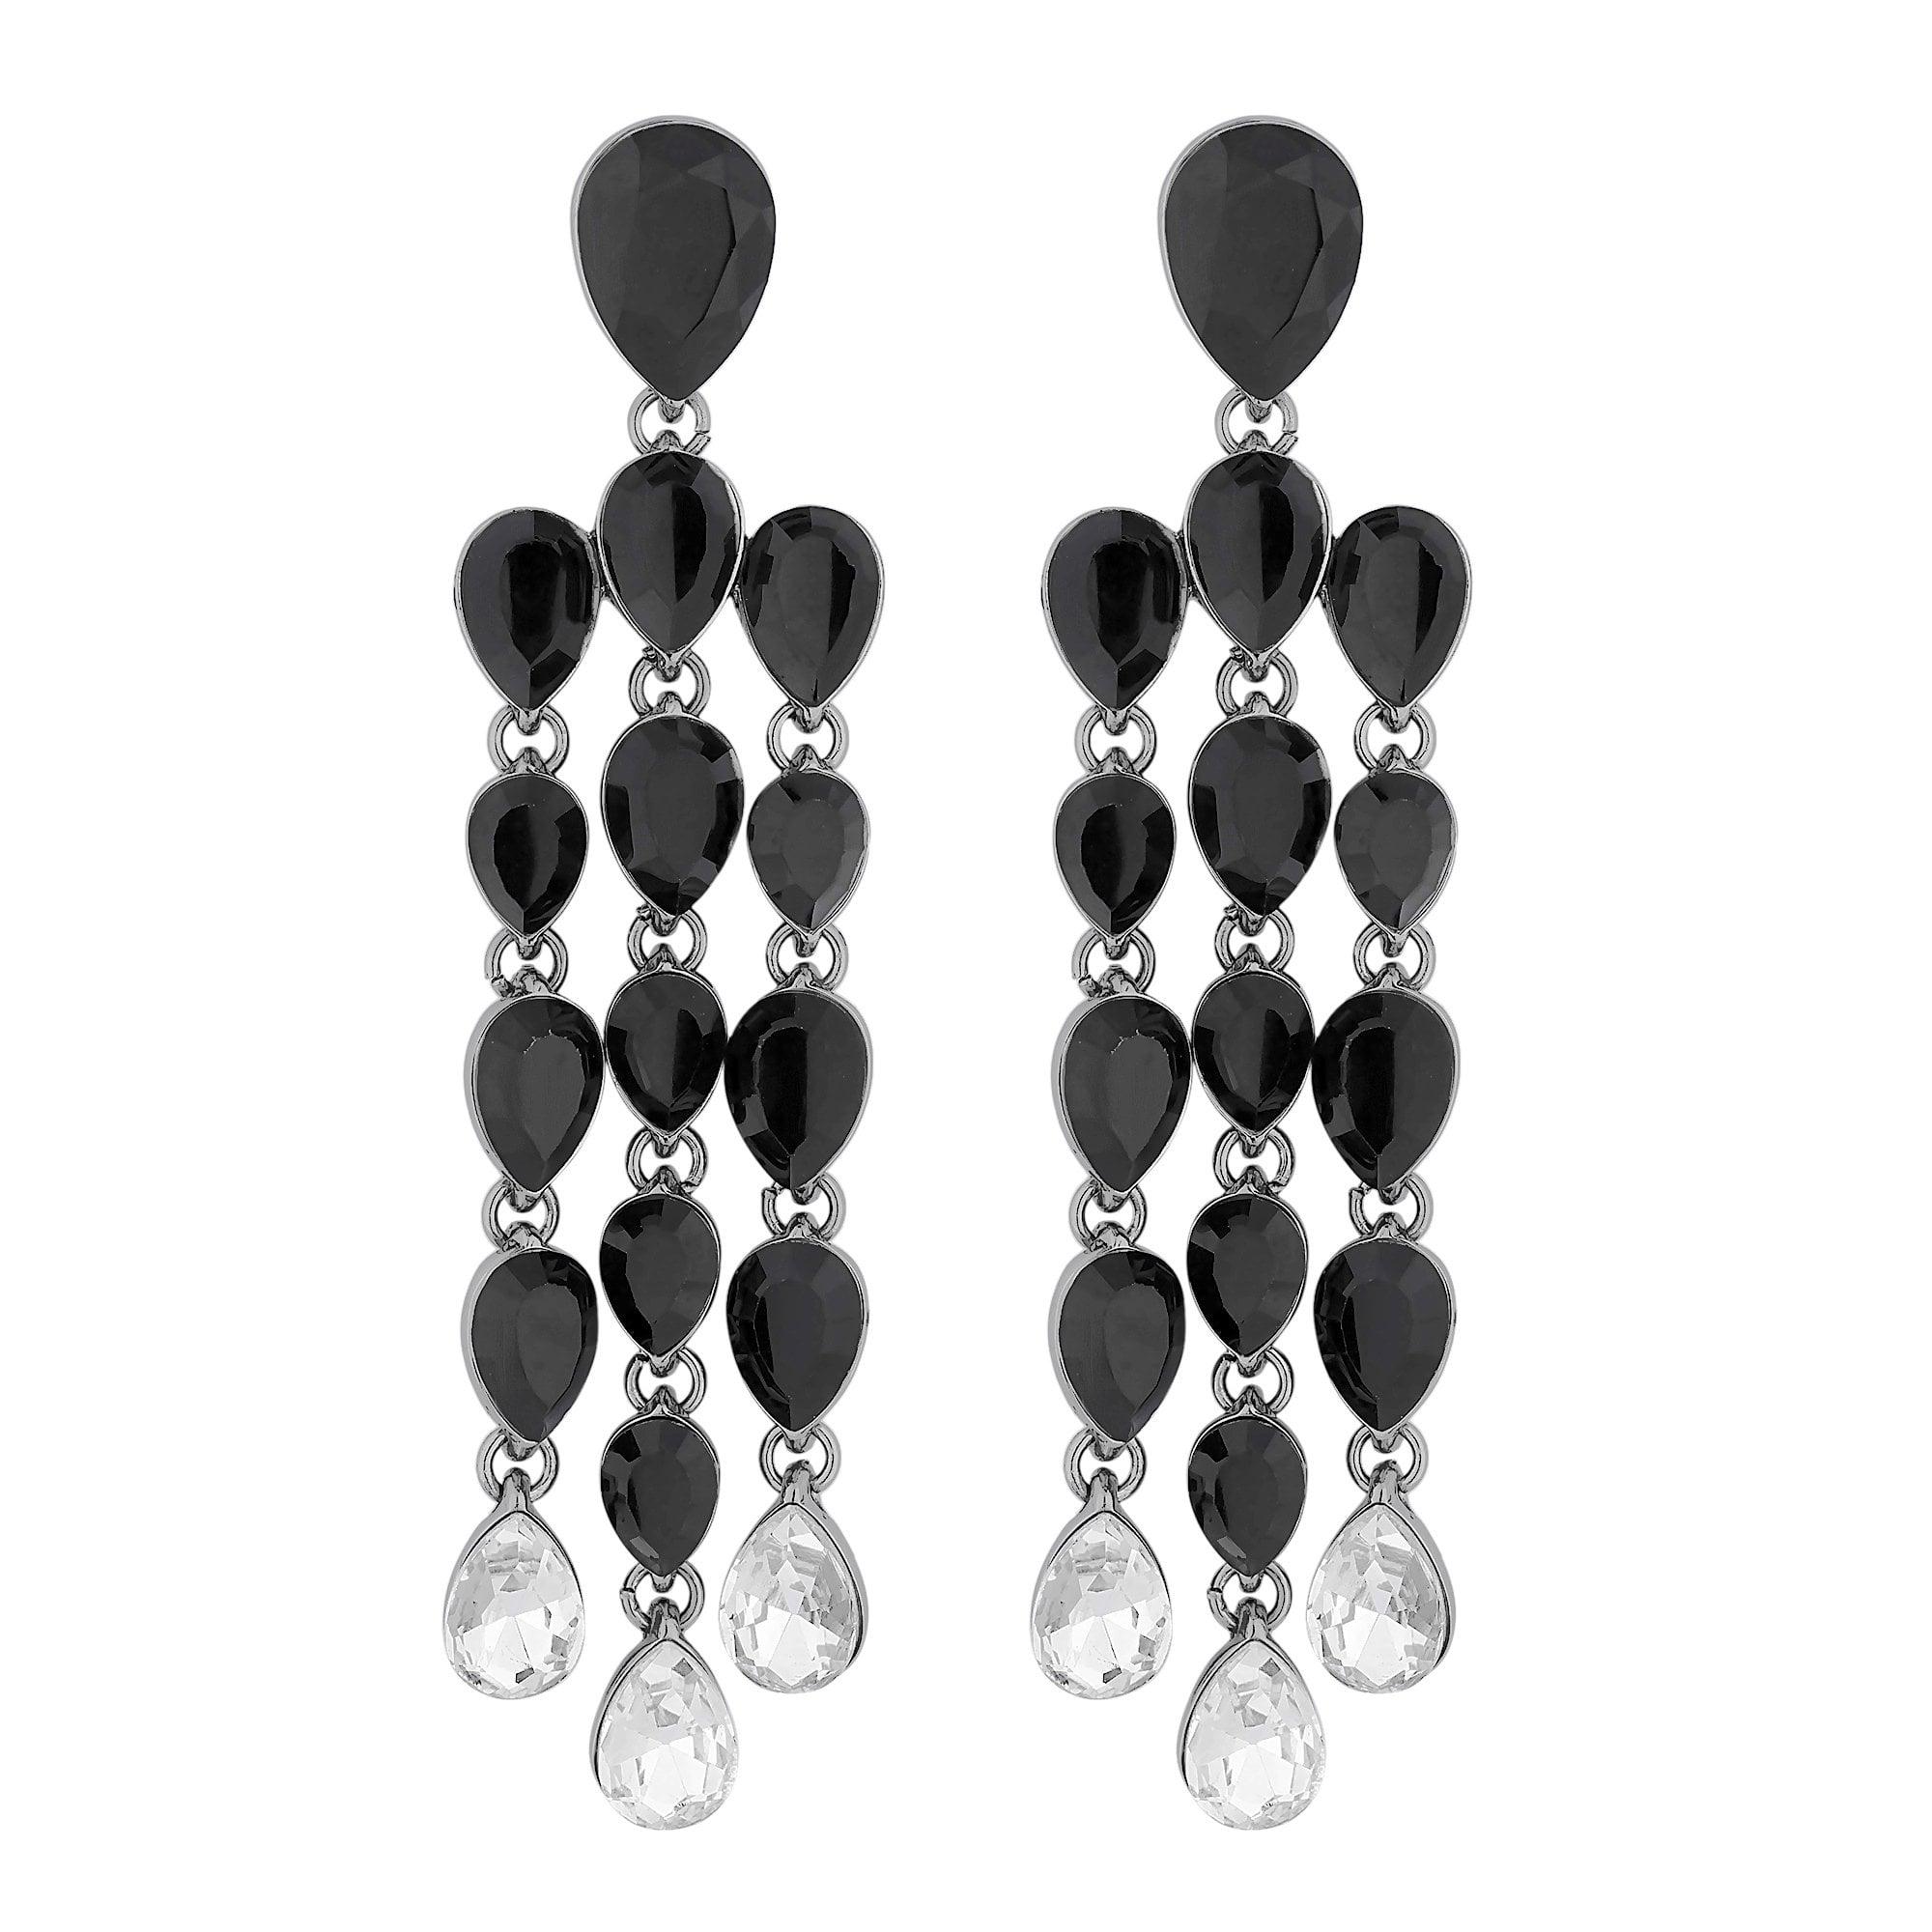 Black Crystal Peardrop Chandelier Drop Earring